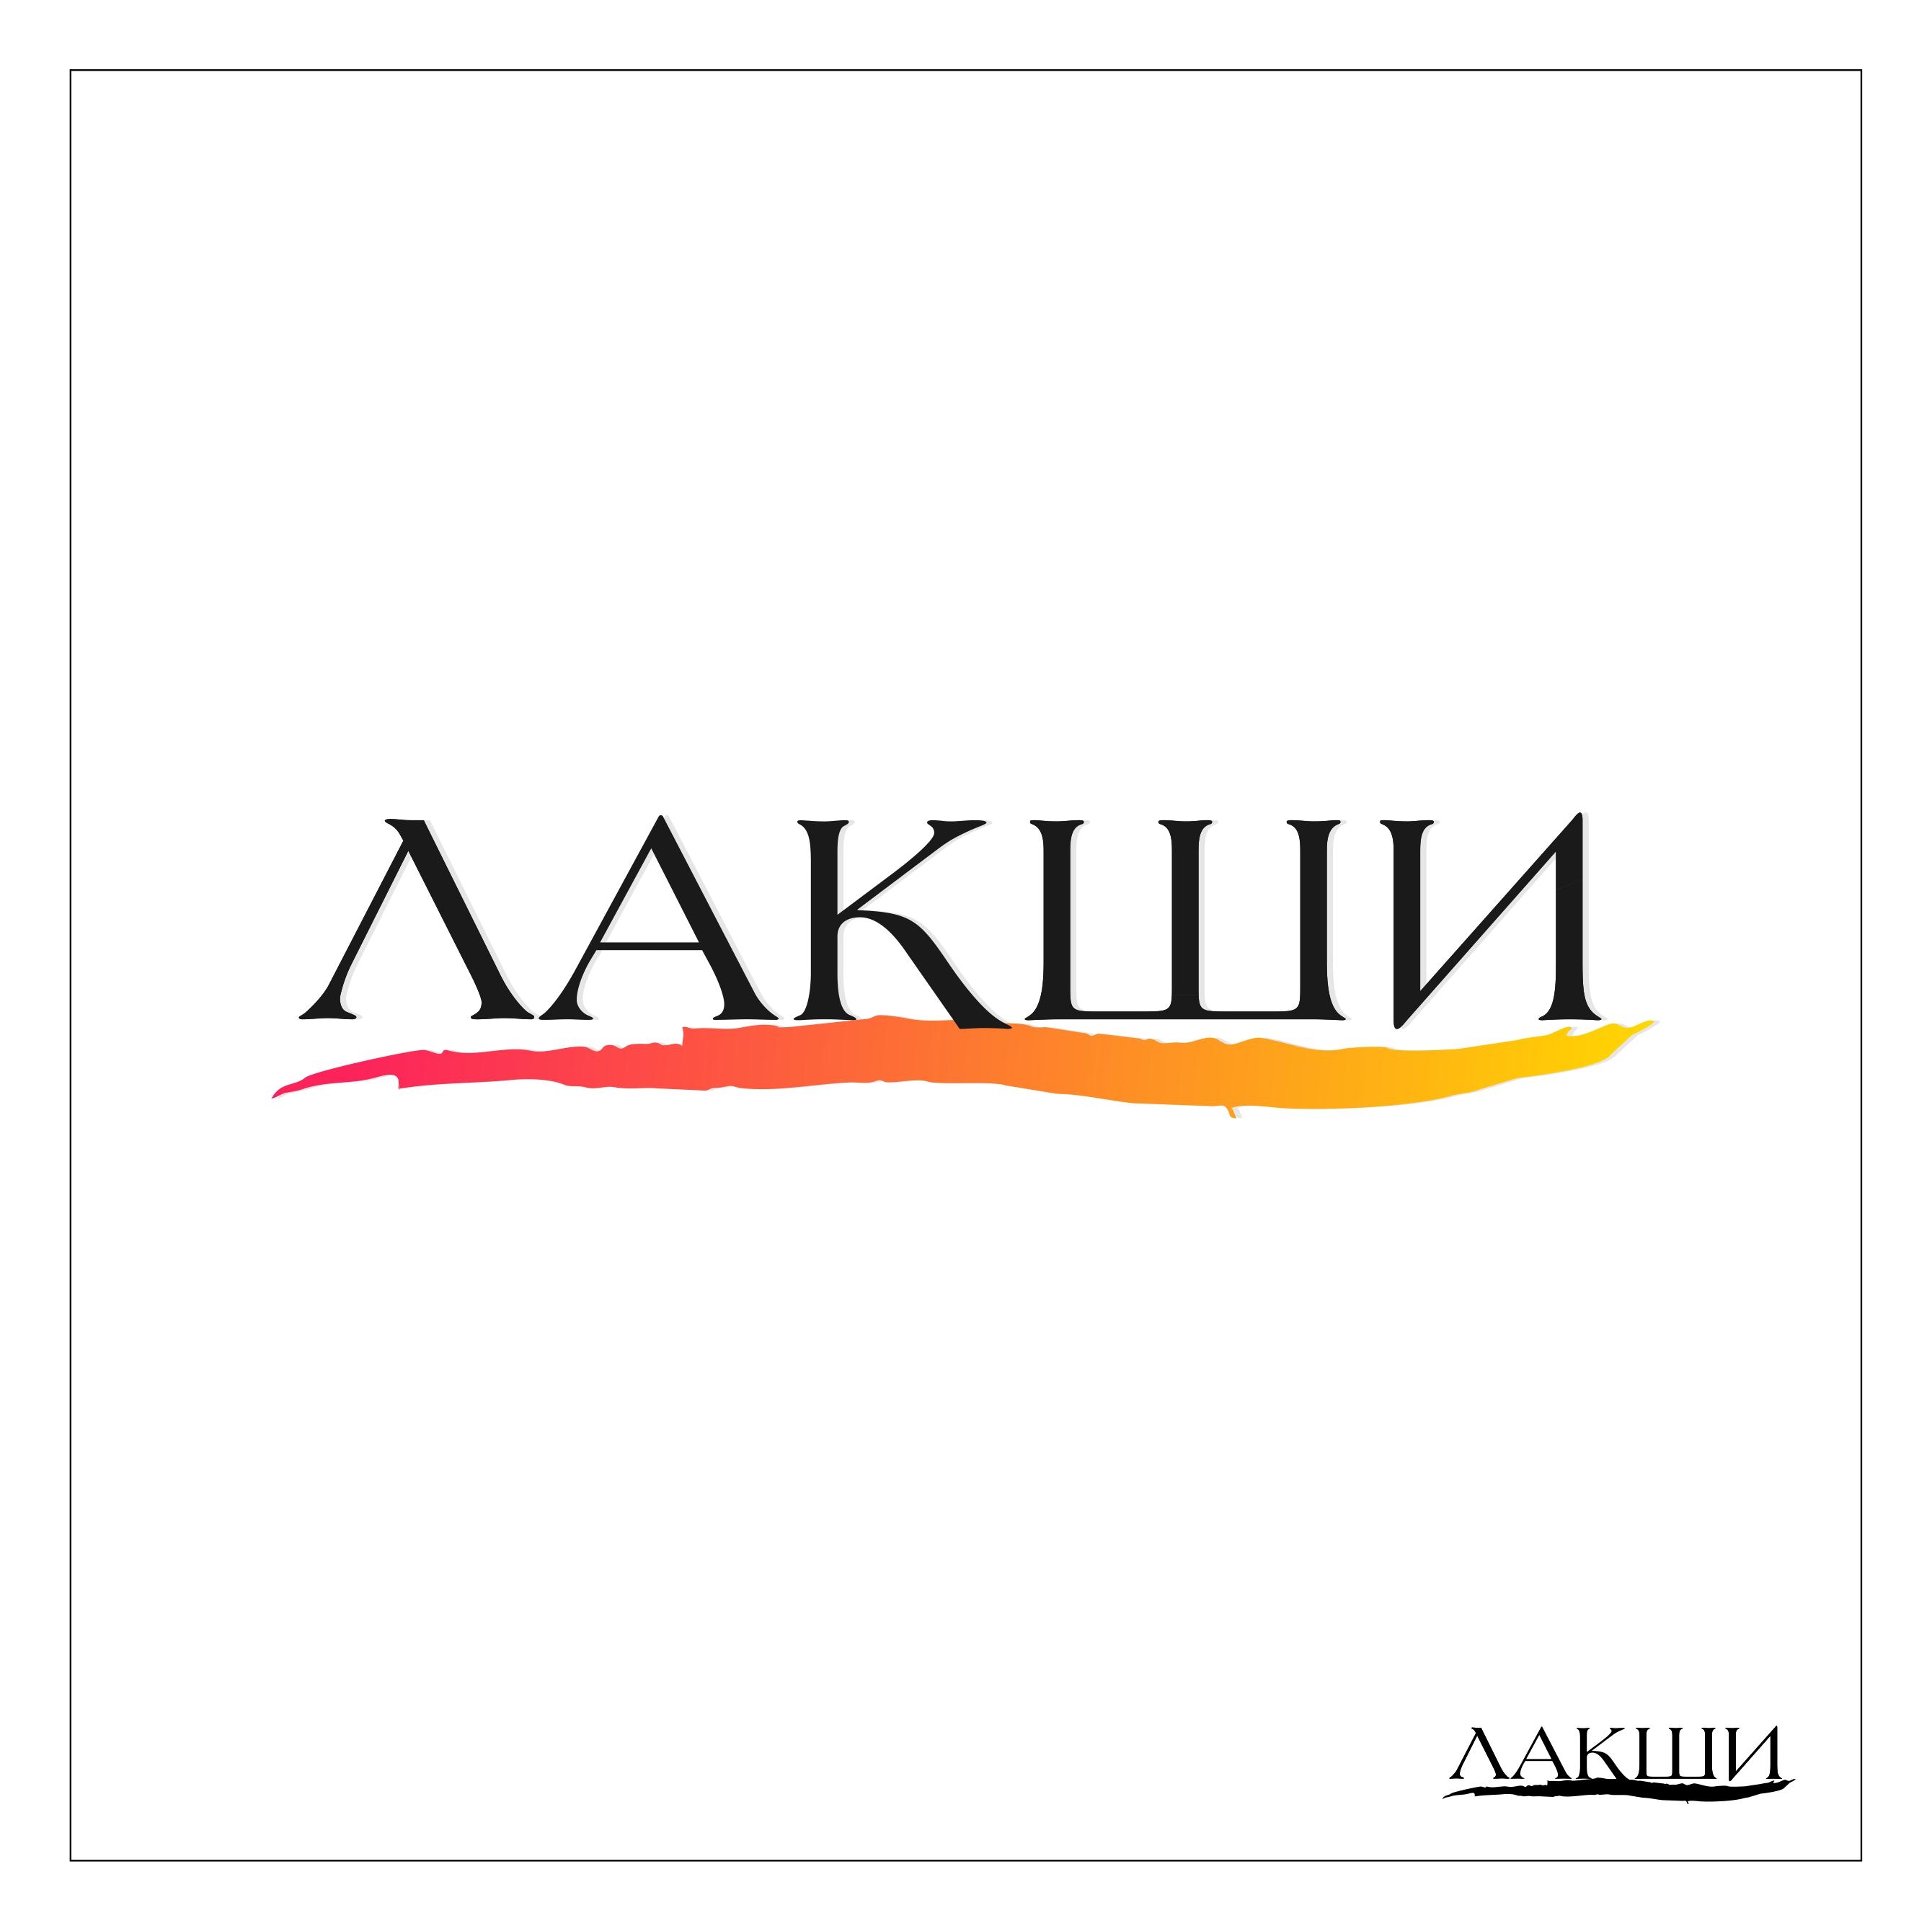 Разработка логотипа фирменного стиля фото f_5855c5604502d422.jpg